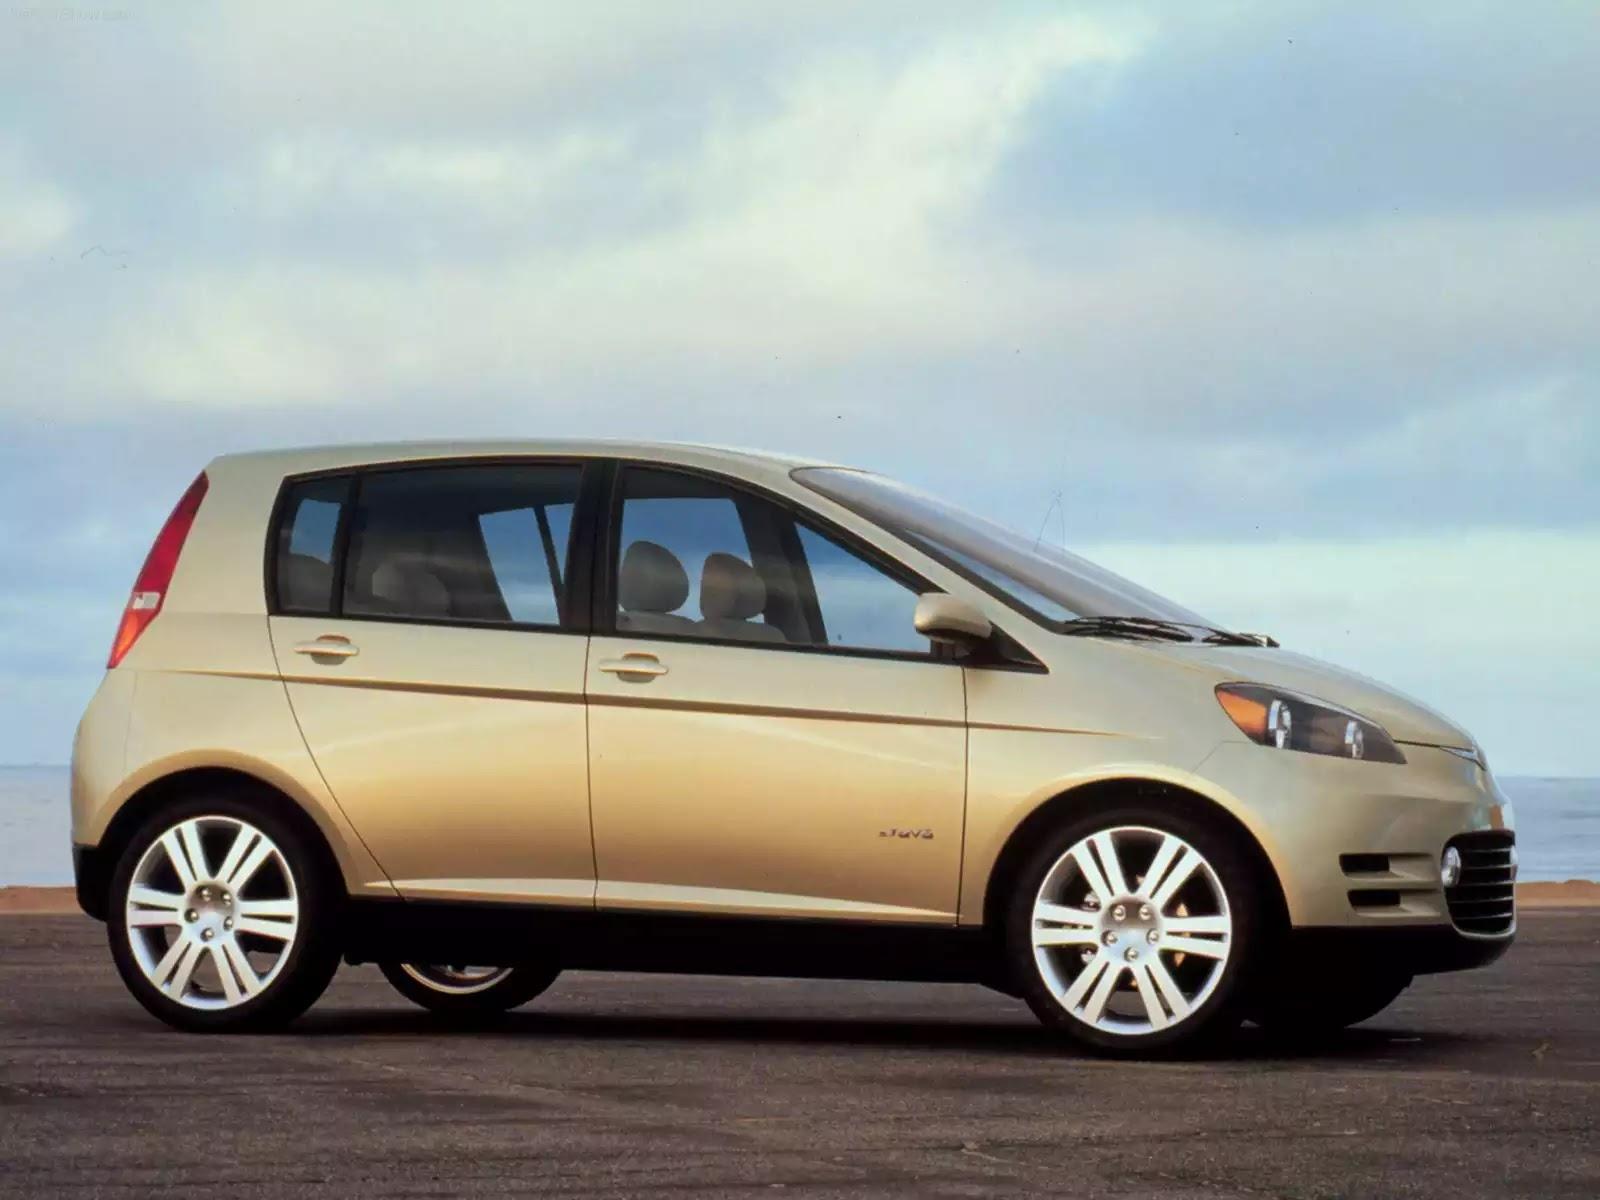 Hình ảnh xe ô tô Chrysler Java Concept 2000 & nội ngoại thất